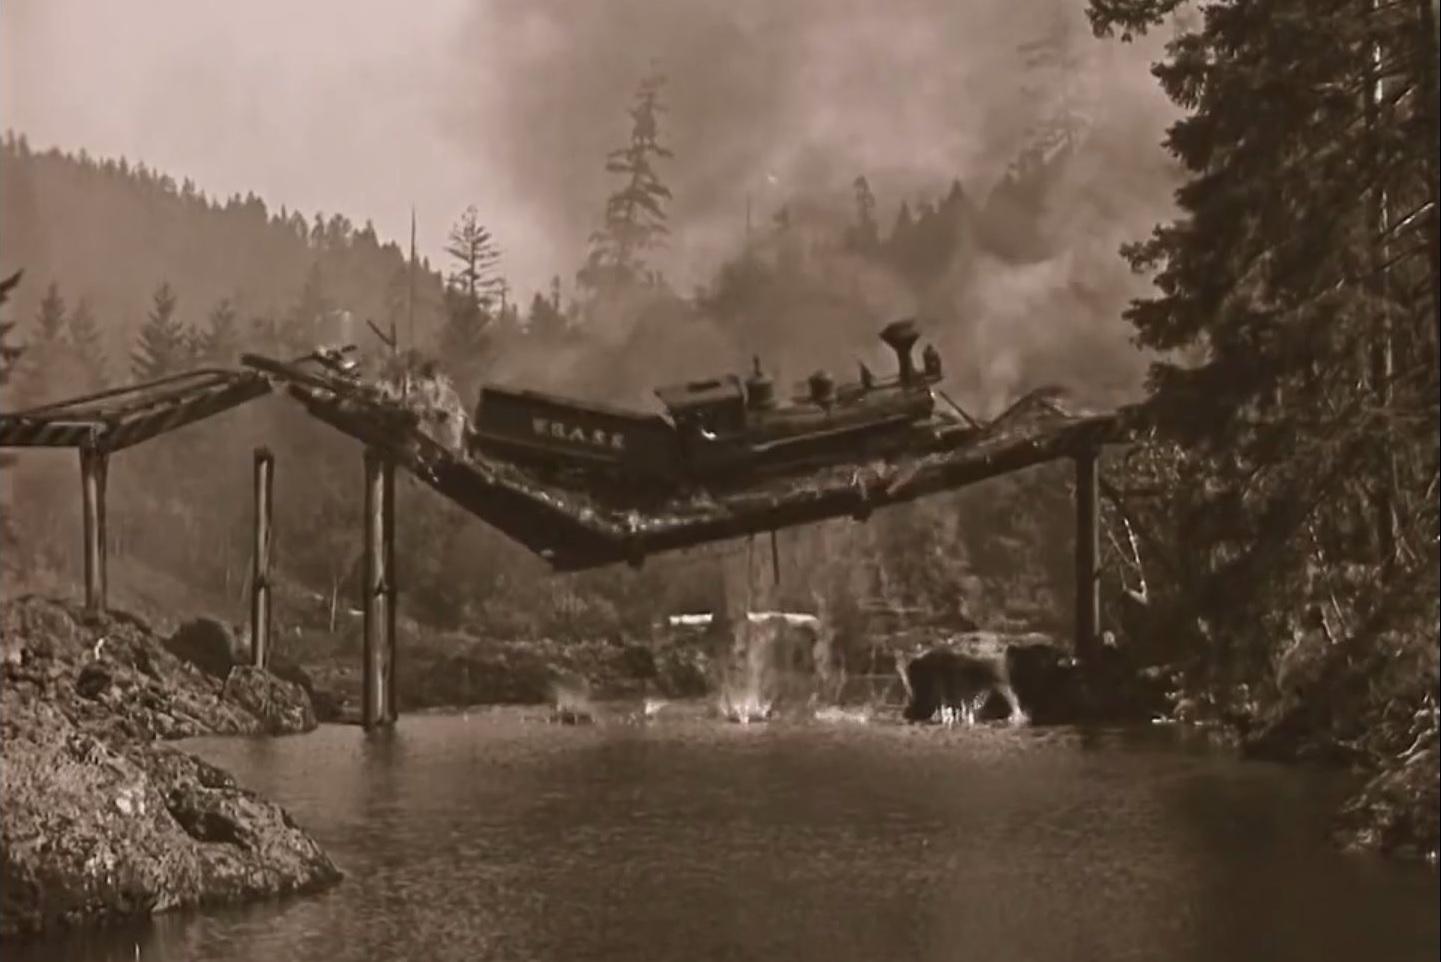 поезд генерал бастер китон самый дорогой кадр в истории немого кино